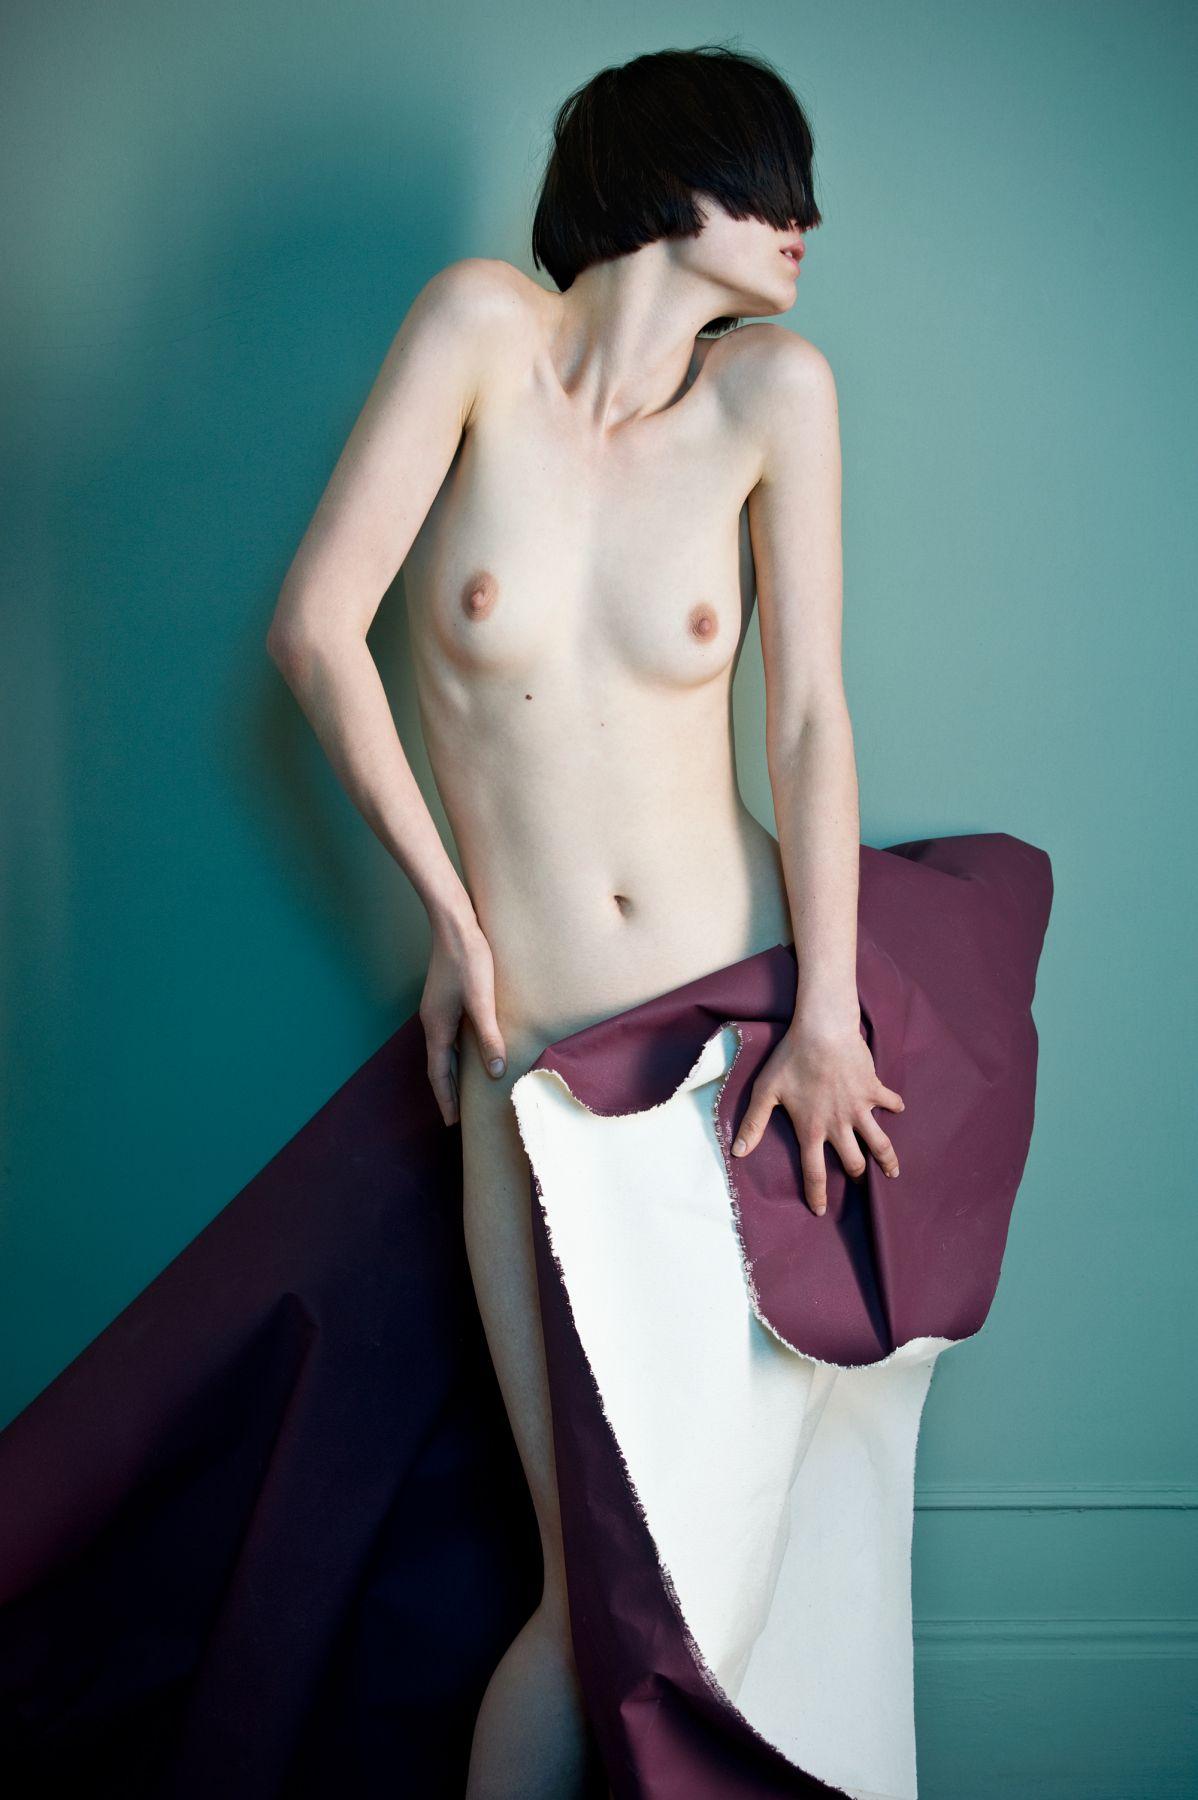 Sophie Delaporte, Nudes, Model clutching purple paper, 2010, Sous Les Etoiles Gallery